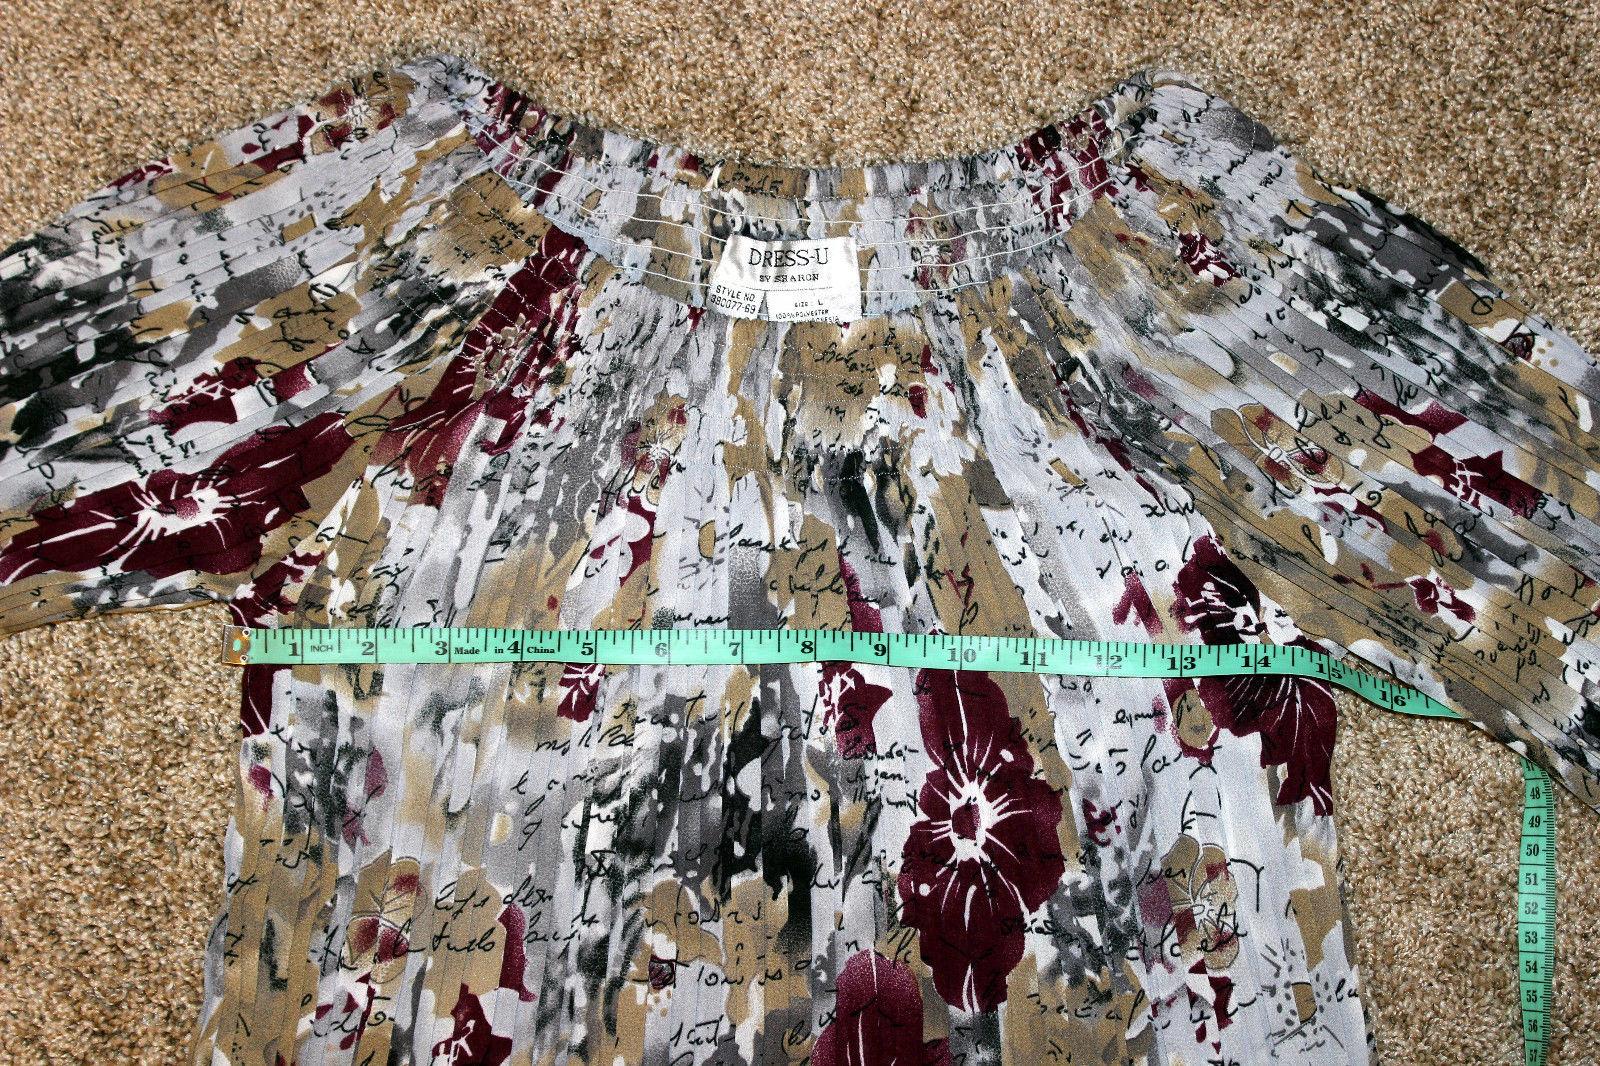 Dress-U Long Sleeve Multicolor Flower Off-shoulder Crinkled Pleated Top Blouse L image 3